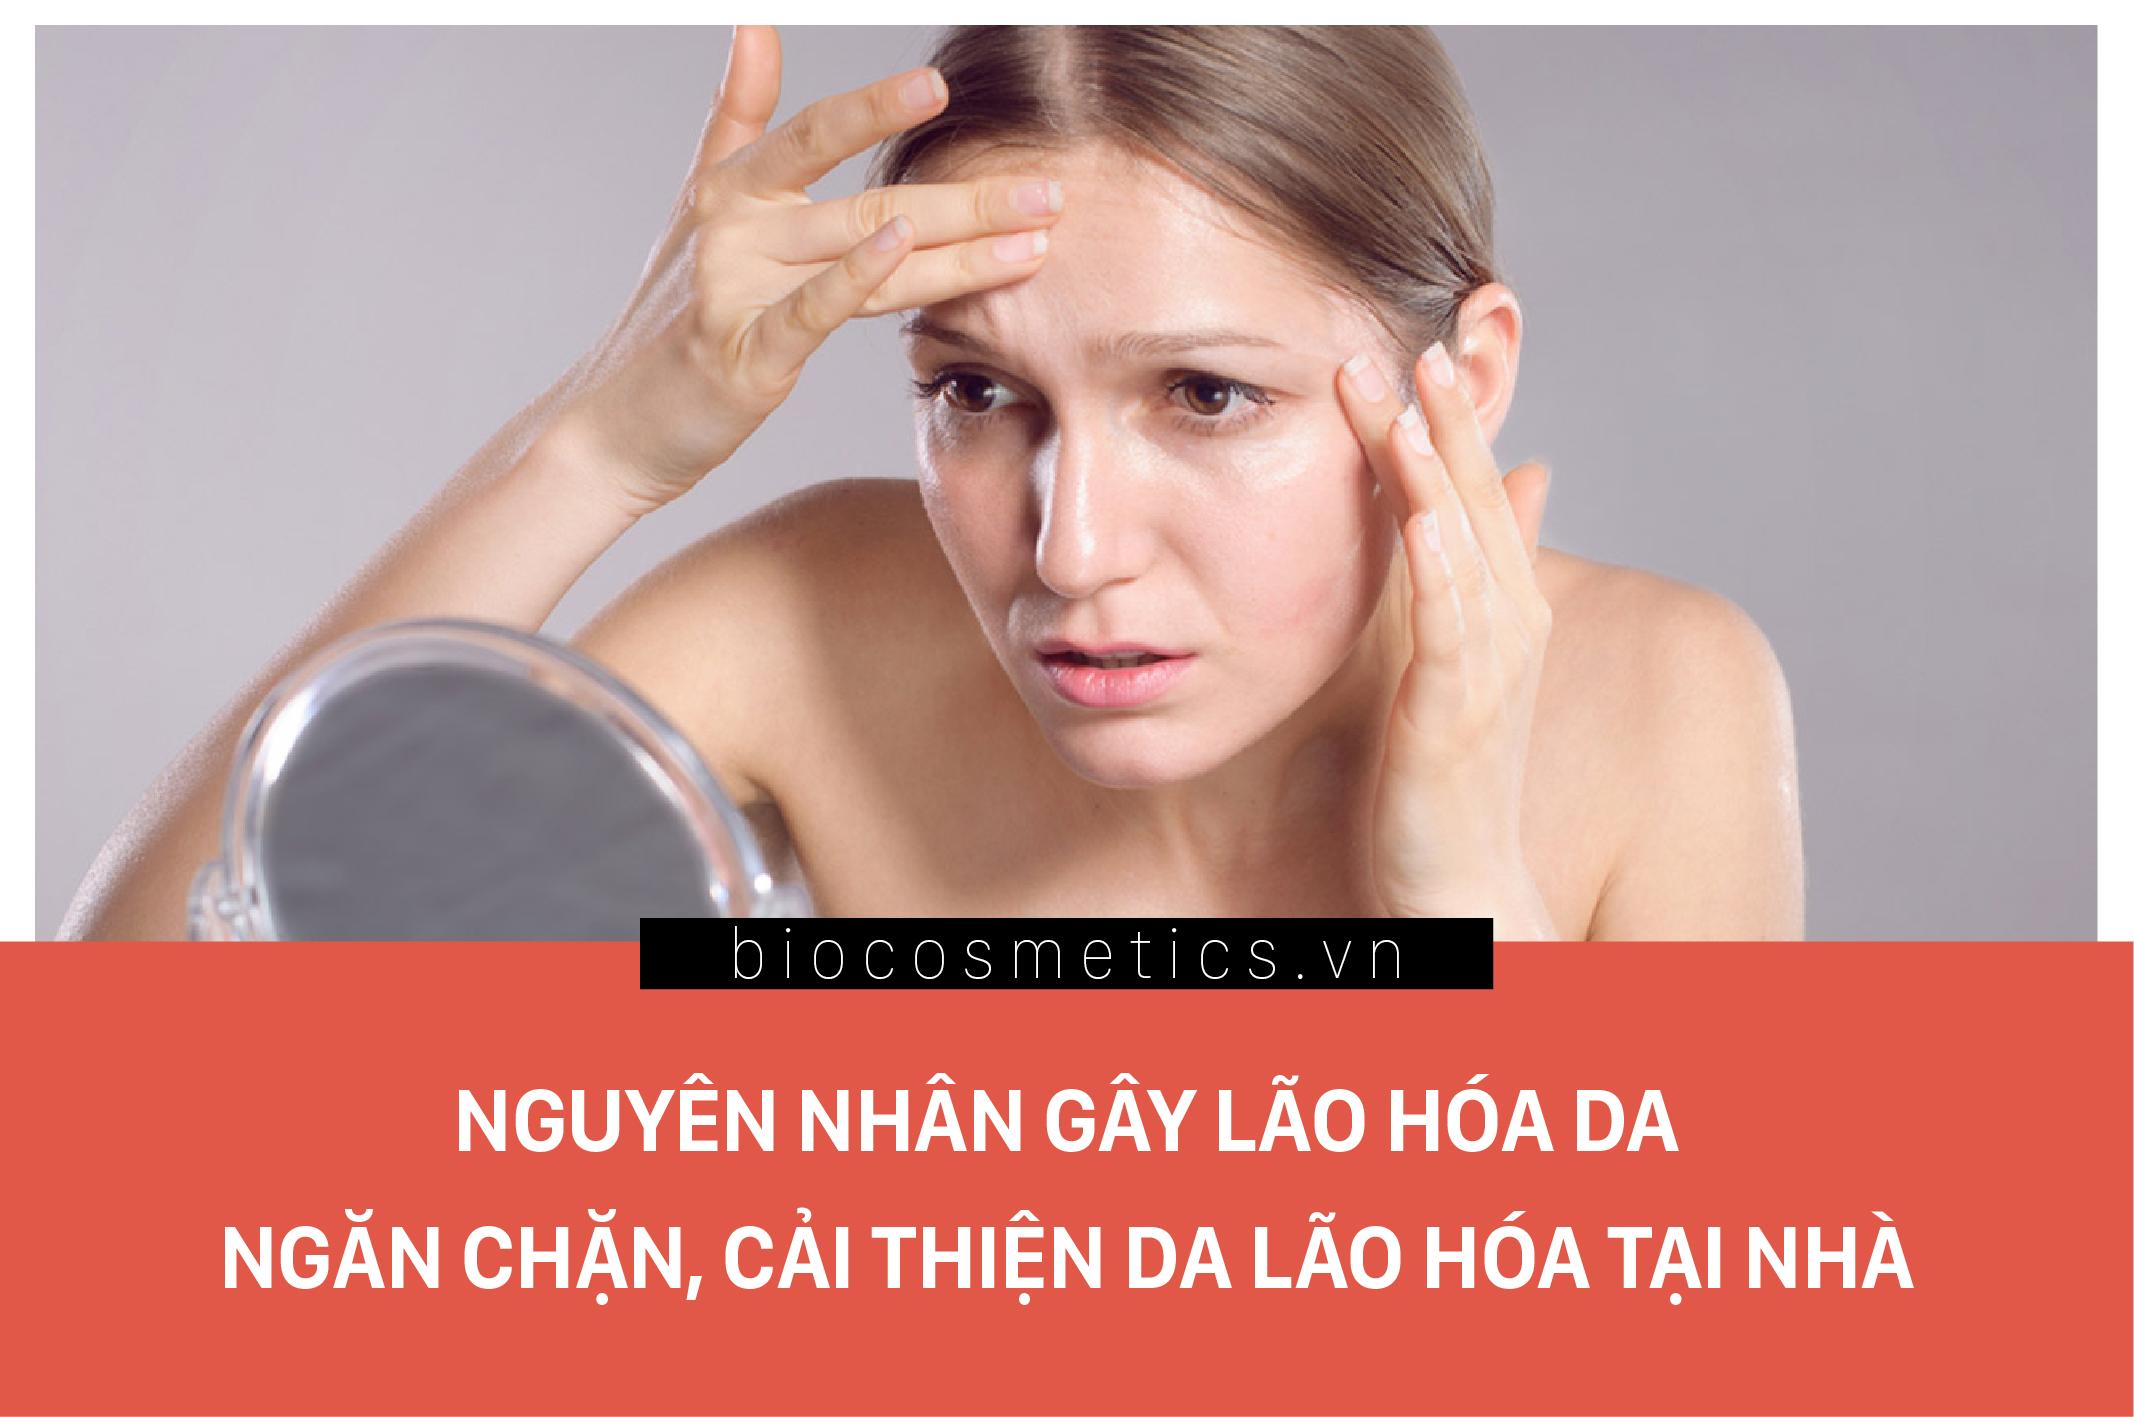 nguyen-nhan-gay-lao-hoa-da-ngan-chan-cai-thien-da-lao-hoa-tai-nha